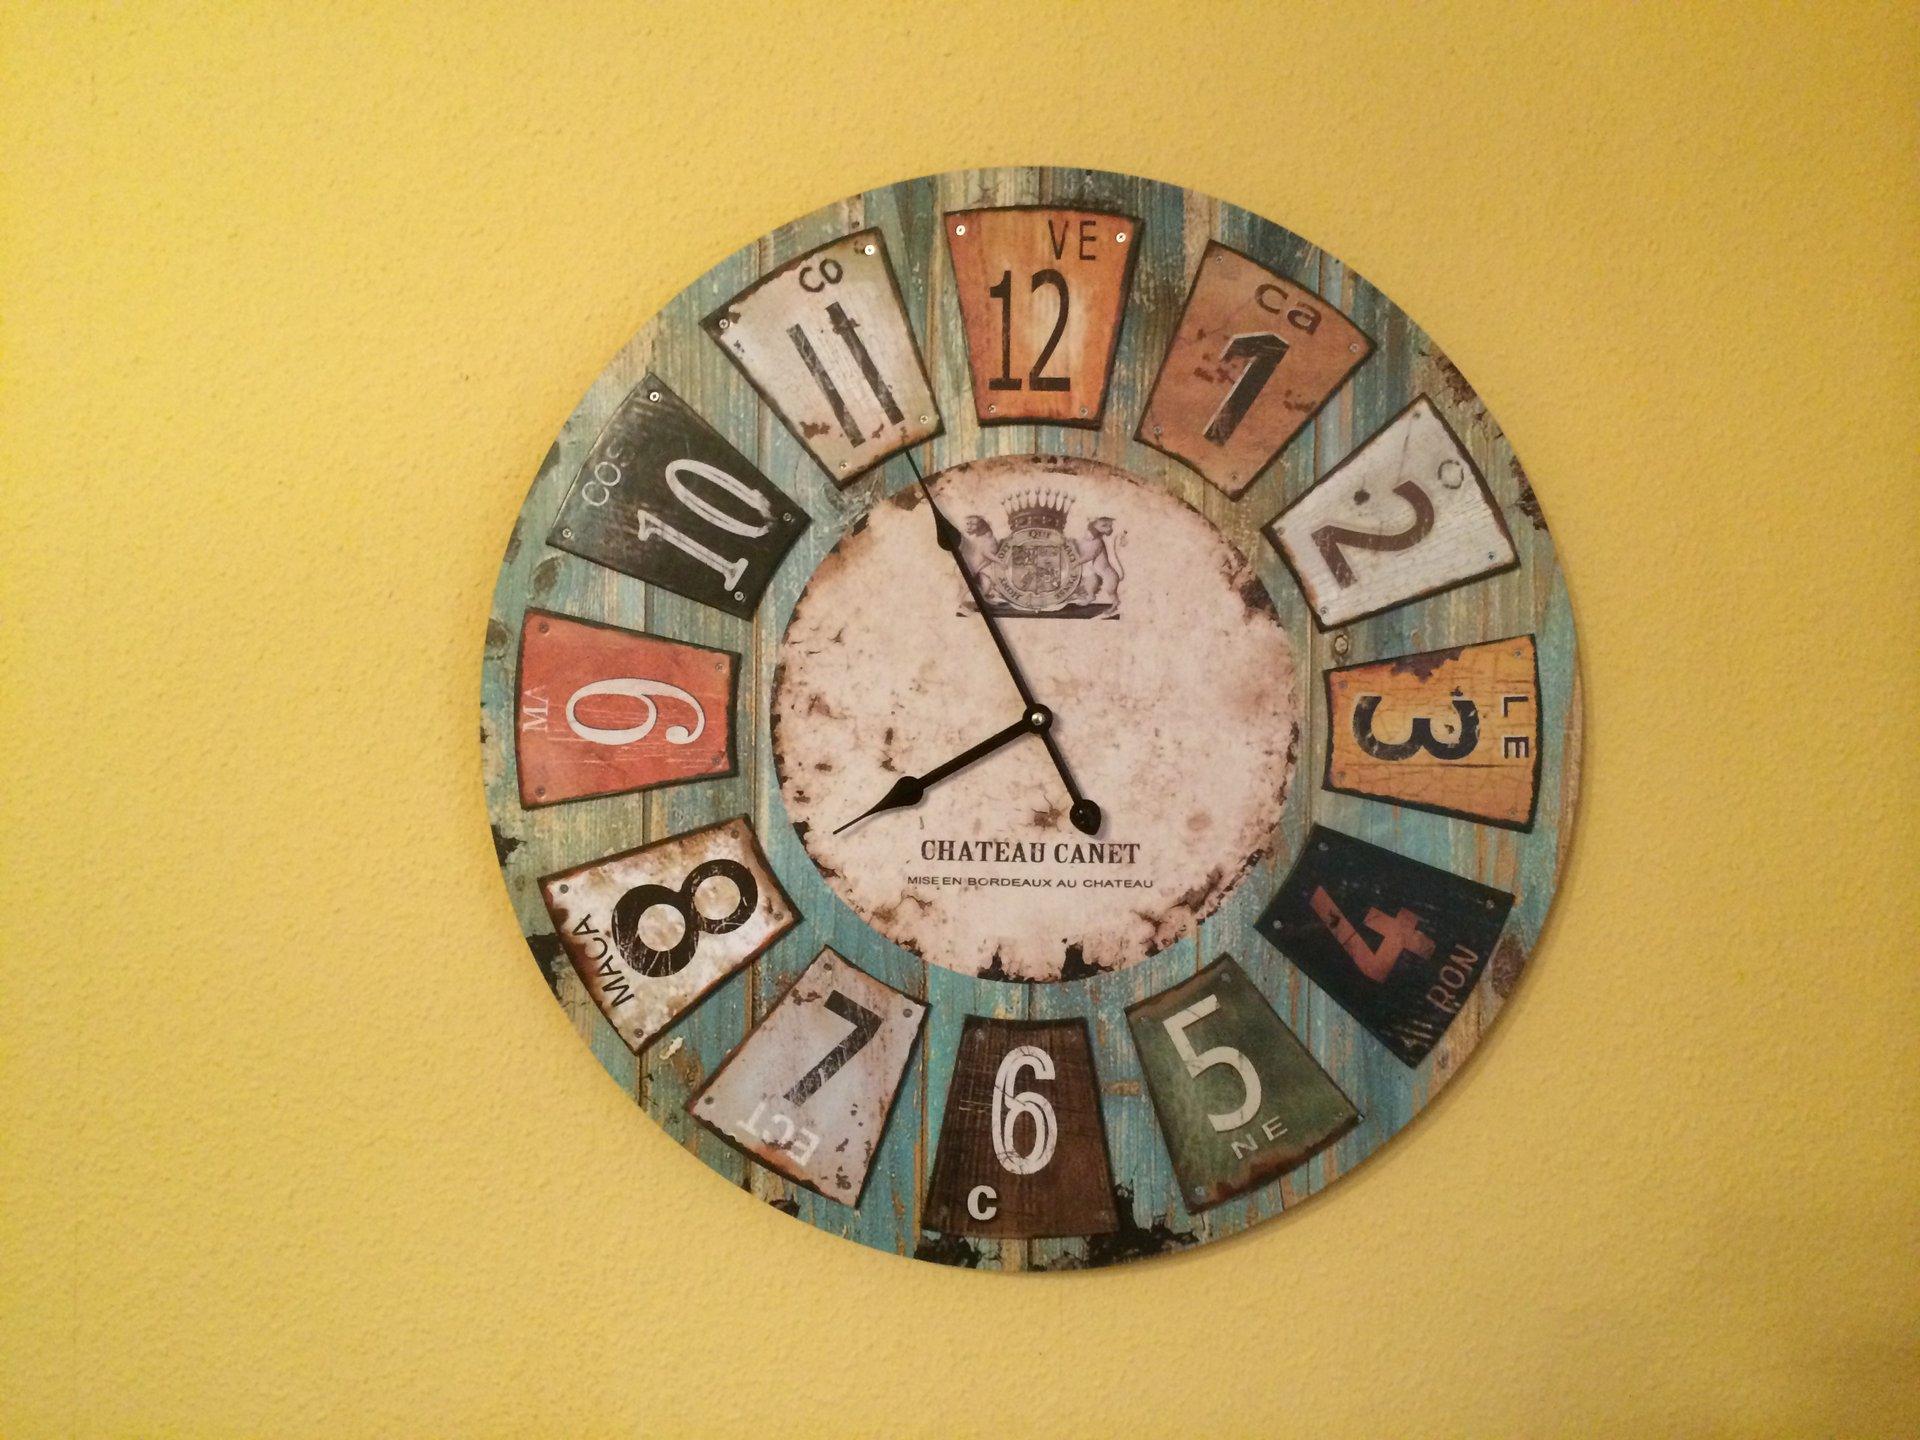 Schöne wanduhren wohnzimmer  Seltenheit? Wohnzimmer Uhr mit ein bischen Design inkl. Funk ...